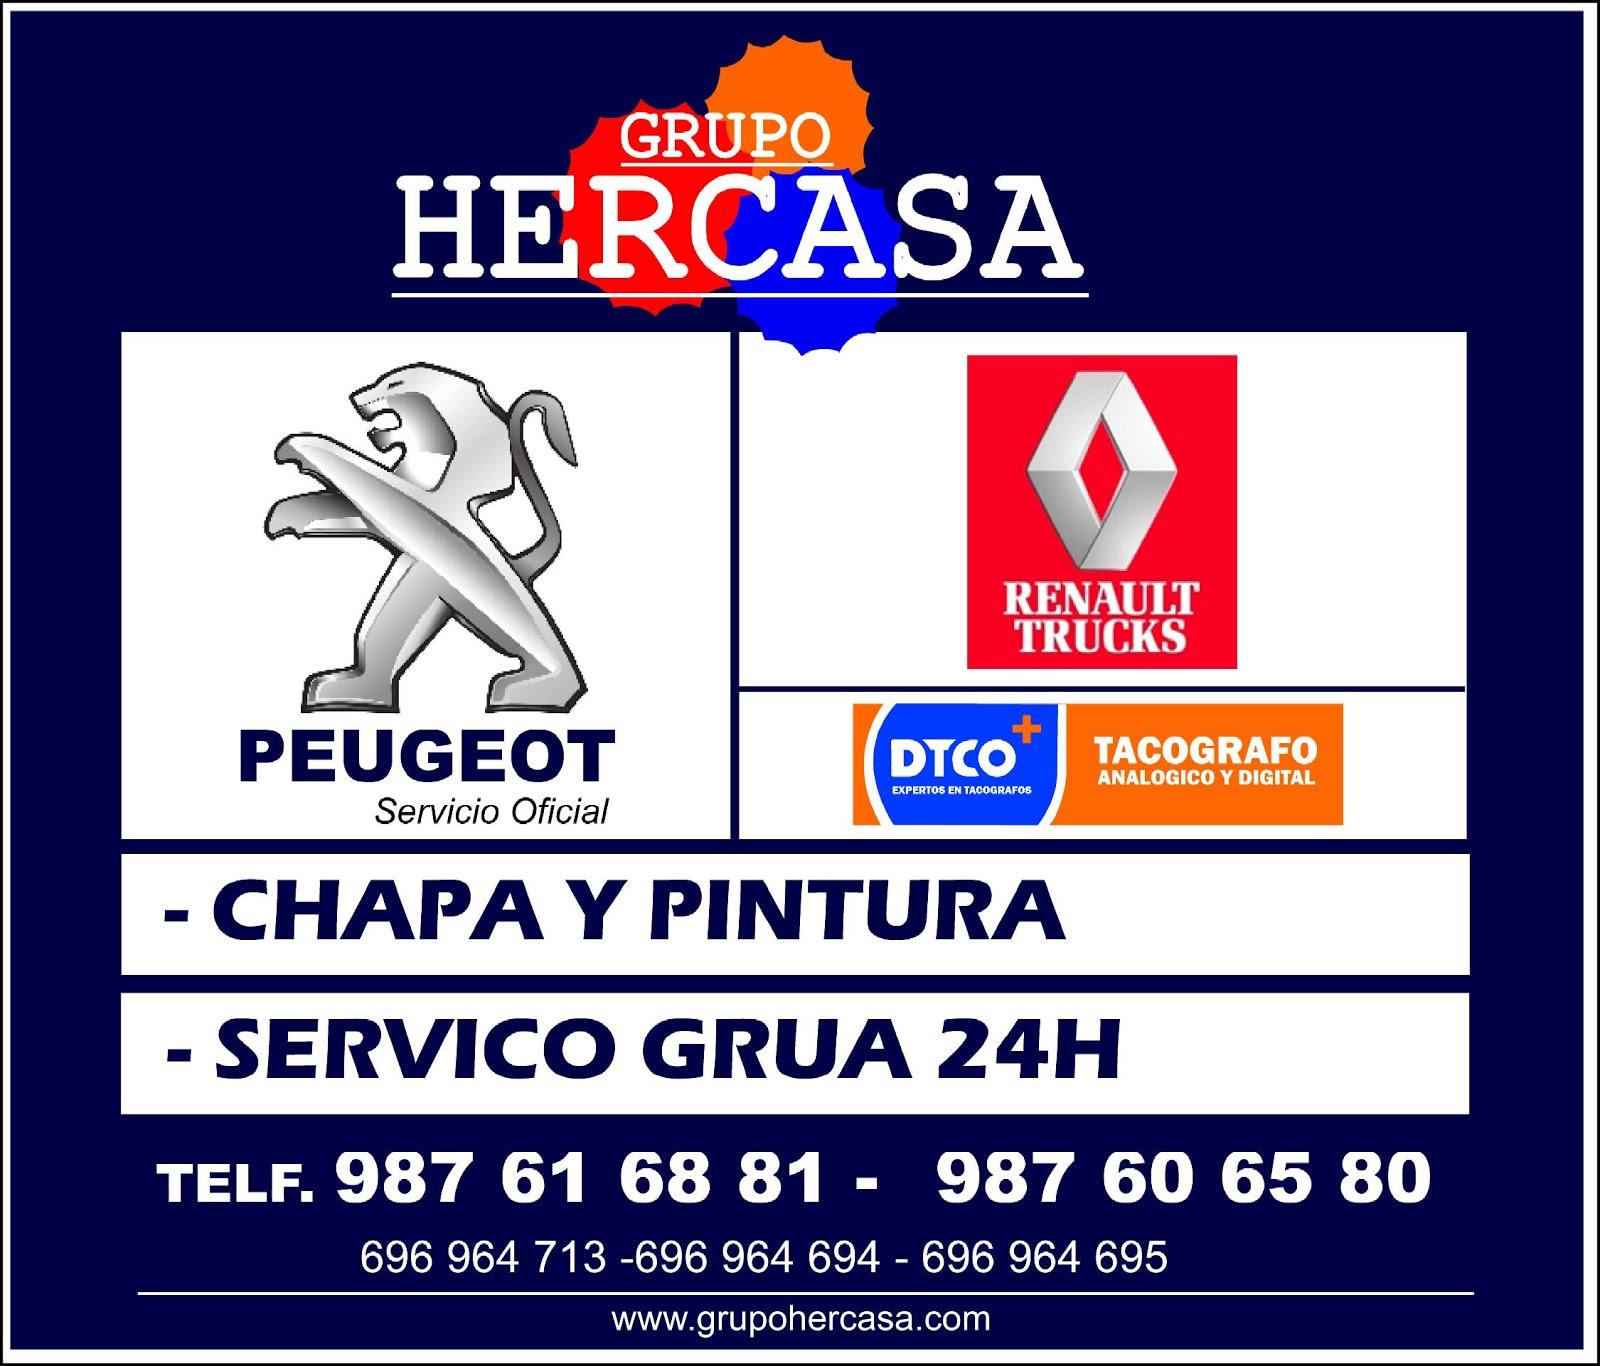 TALLERES HERCASA